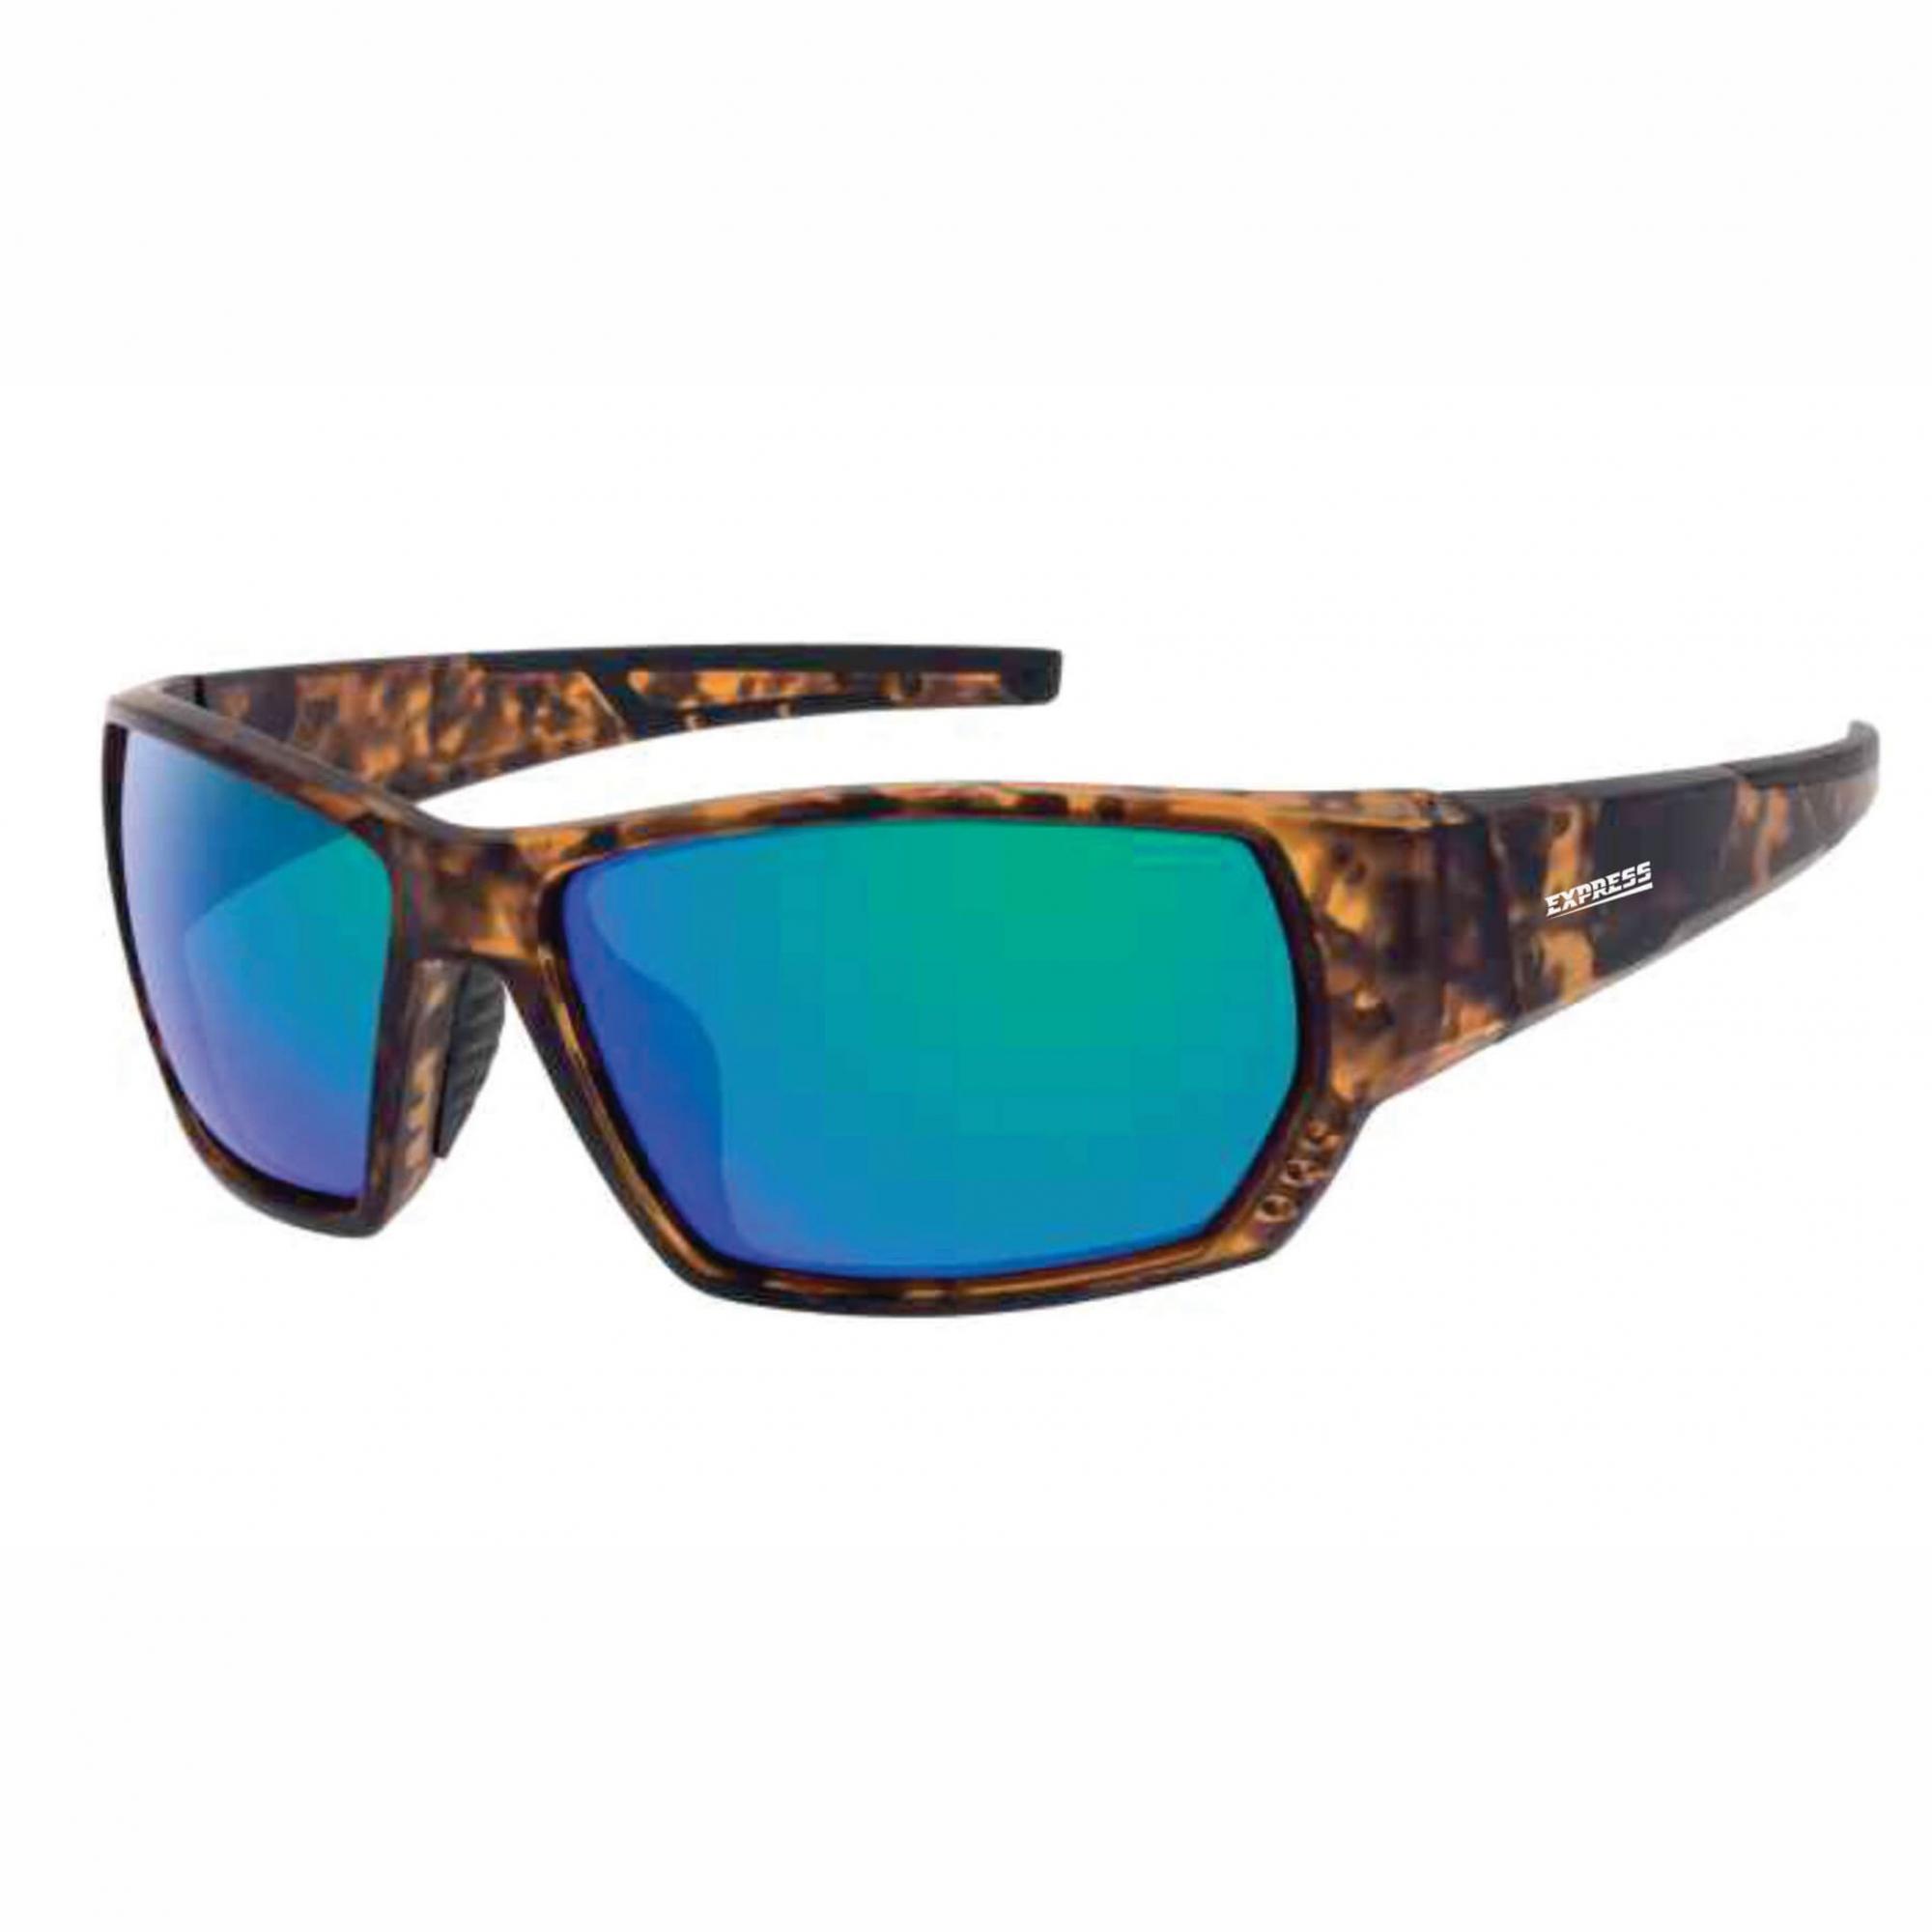 Óculos de Sol Polarizado Express Cação Verde Espelhado   - Pesca Adventure